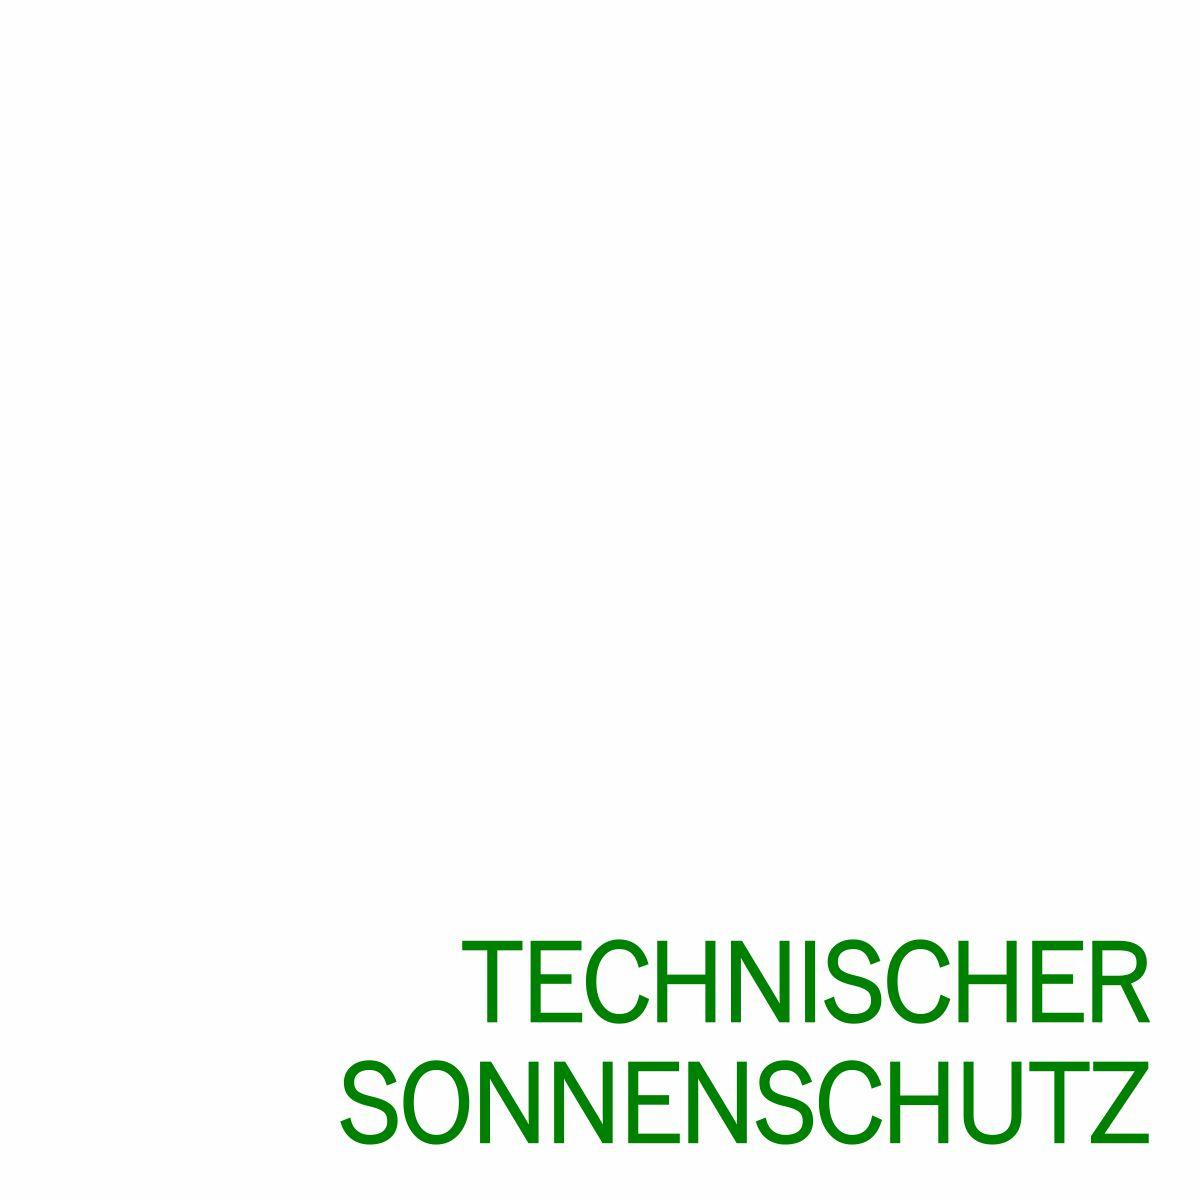 Grafik Branche Technischer Sonnenschutz